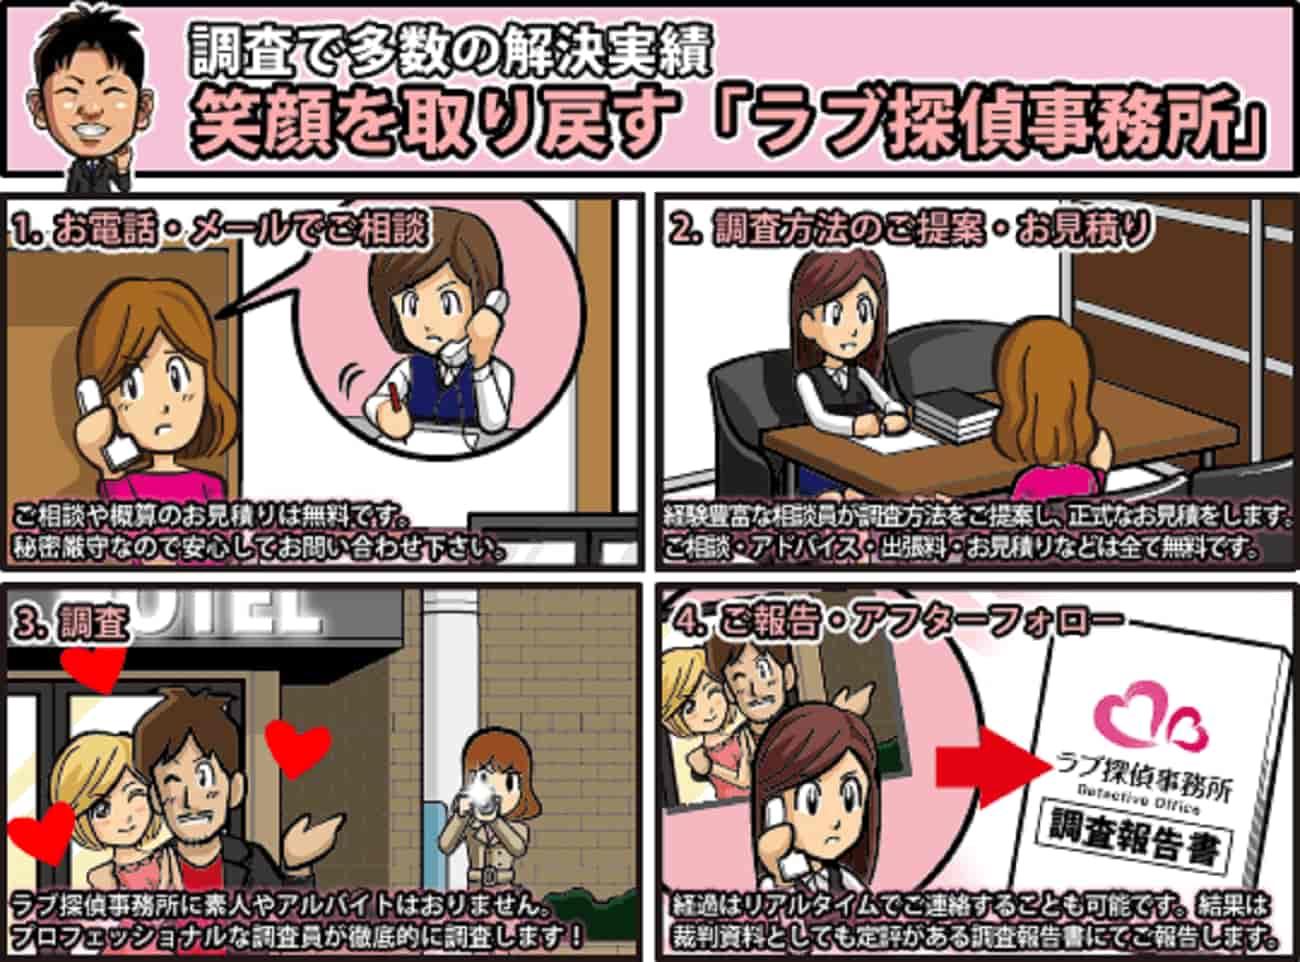 ラブ探偵事務所は千葉県銚子市の相談お見積り無料